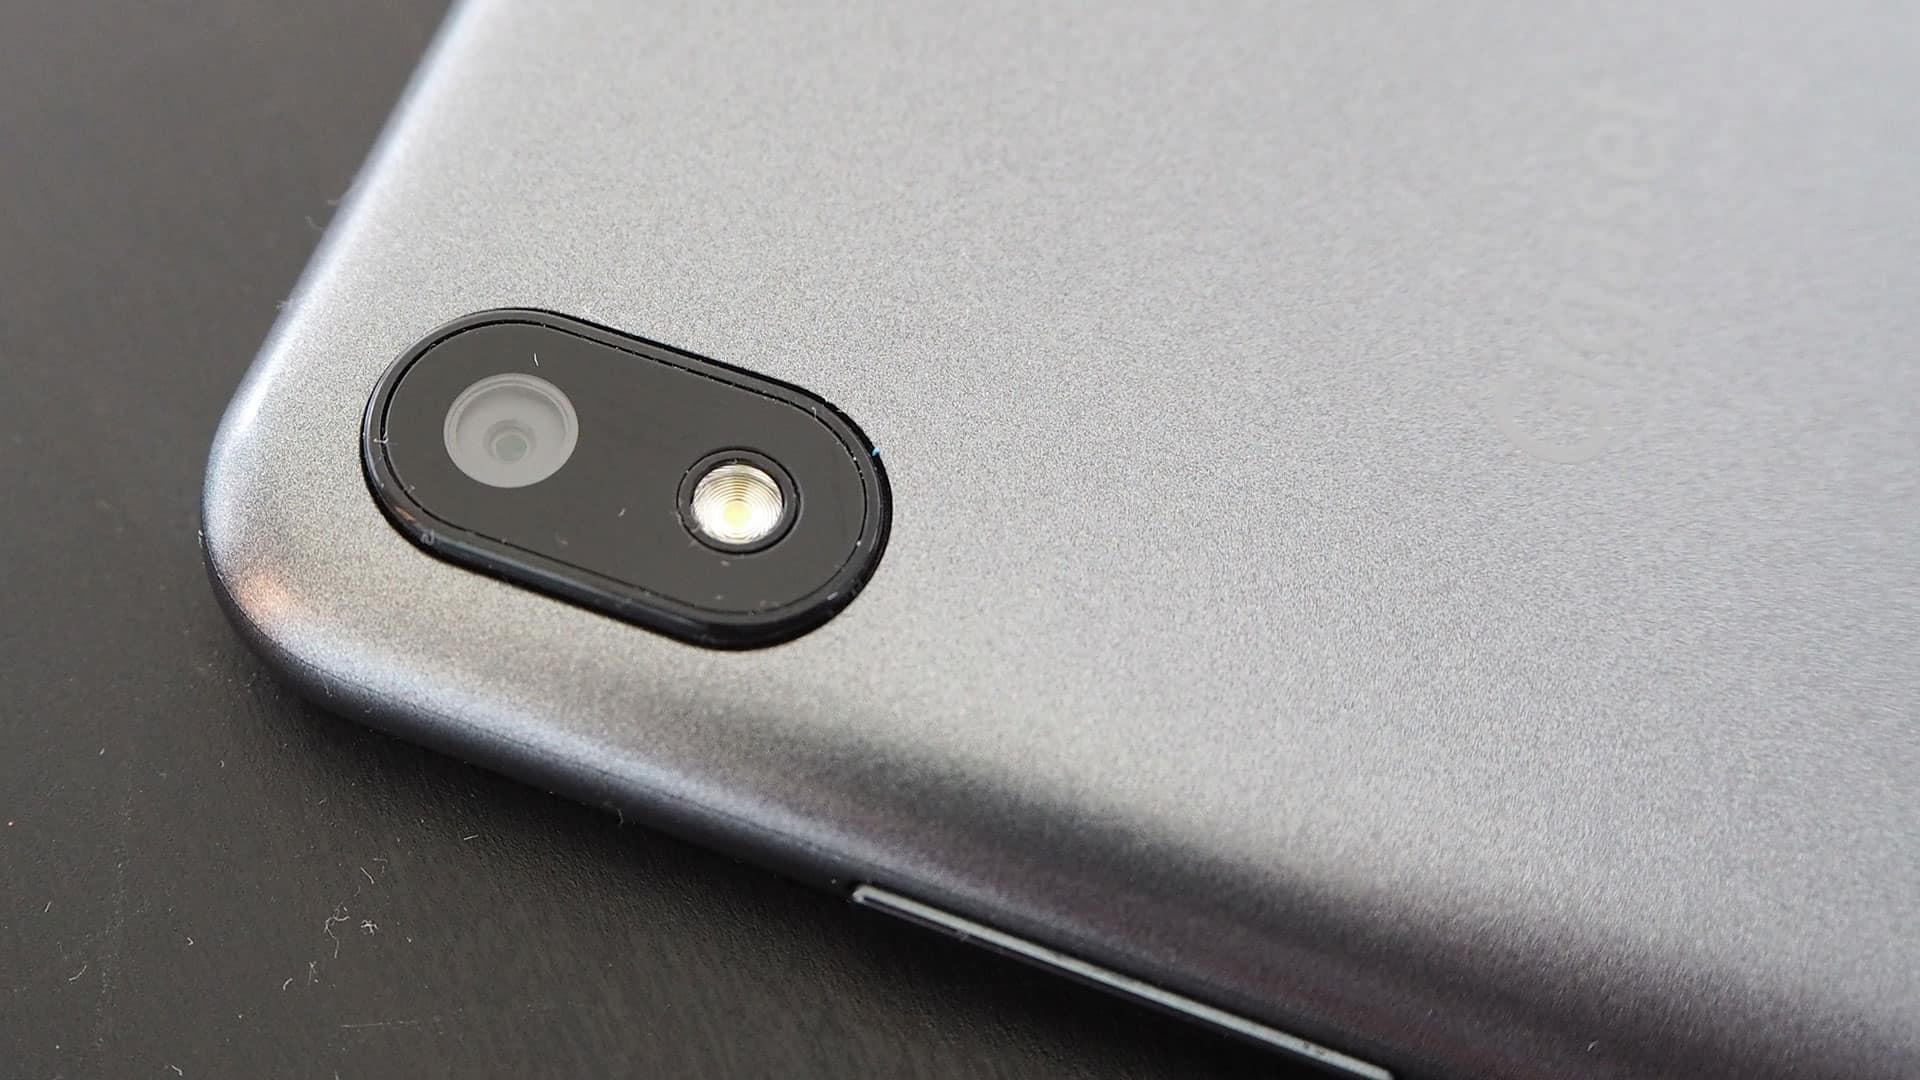 Die 8 Megapixel-Kamera des Gigaset GS110